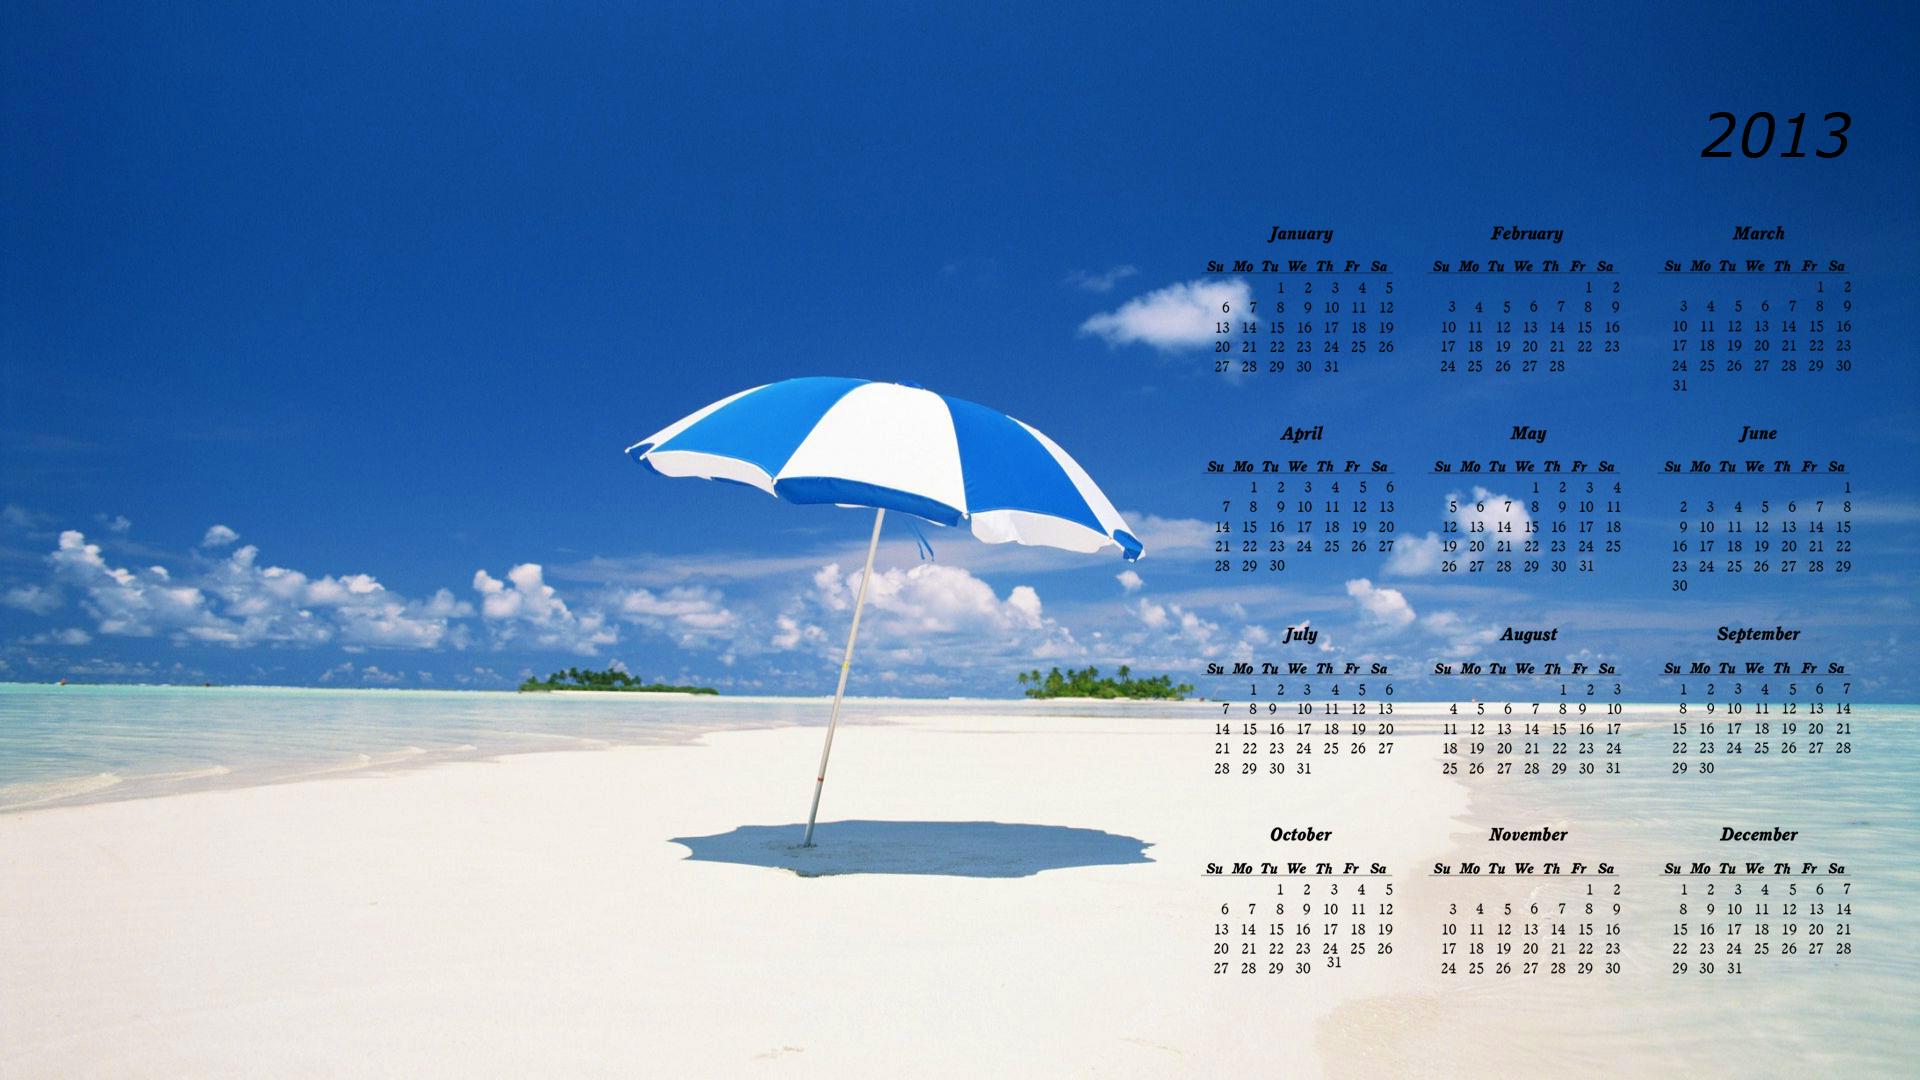 2013 calendar desktop wallpaper 2 1920x1080